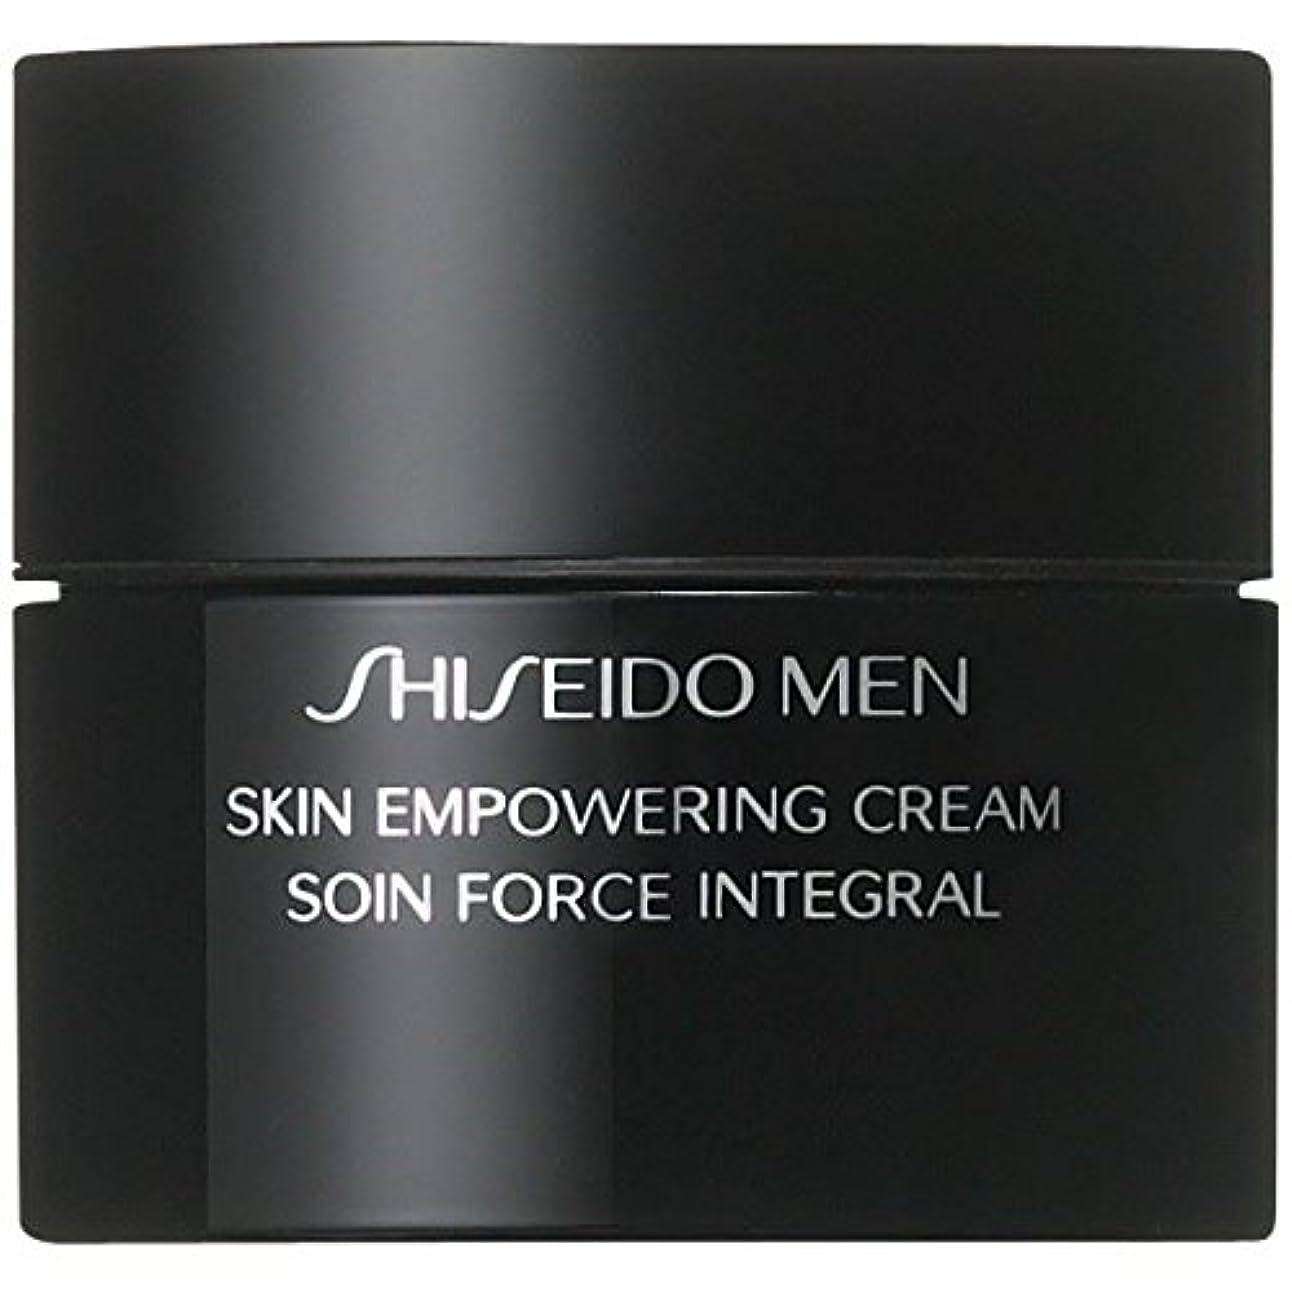 有力者終わり送金[Shiseido ] クリーム50ミリリットルを力づける資生堂の男性用スキン - Shiseido Men Skin Empowering Cream 50ml [並行輸入品]